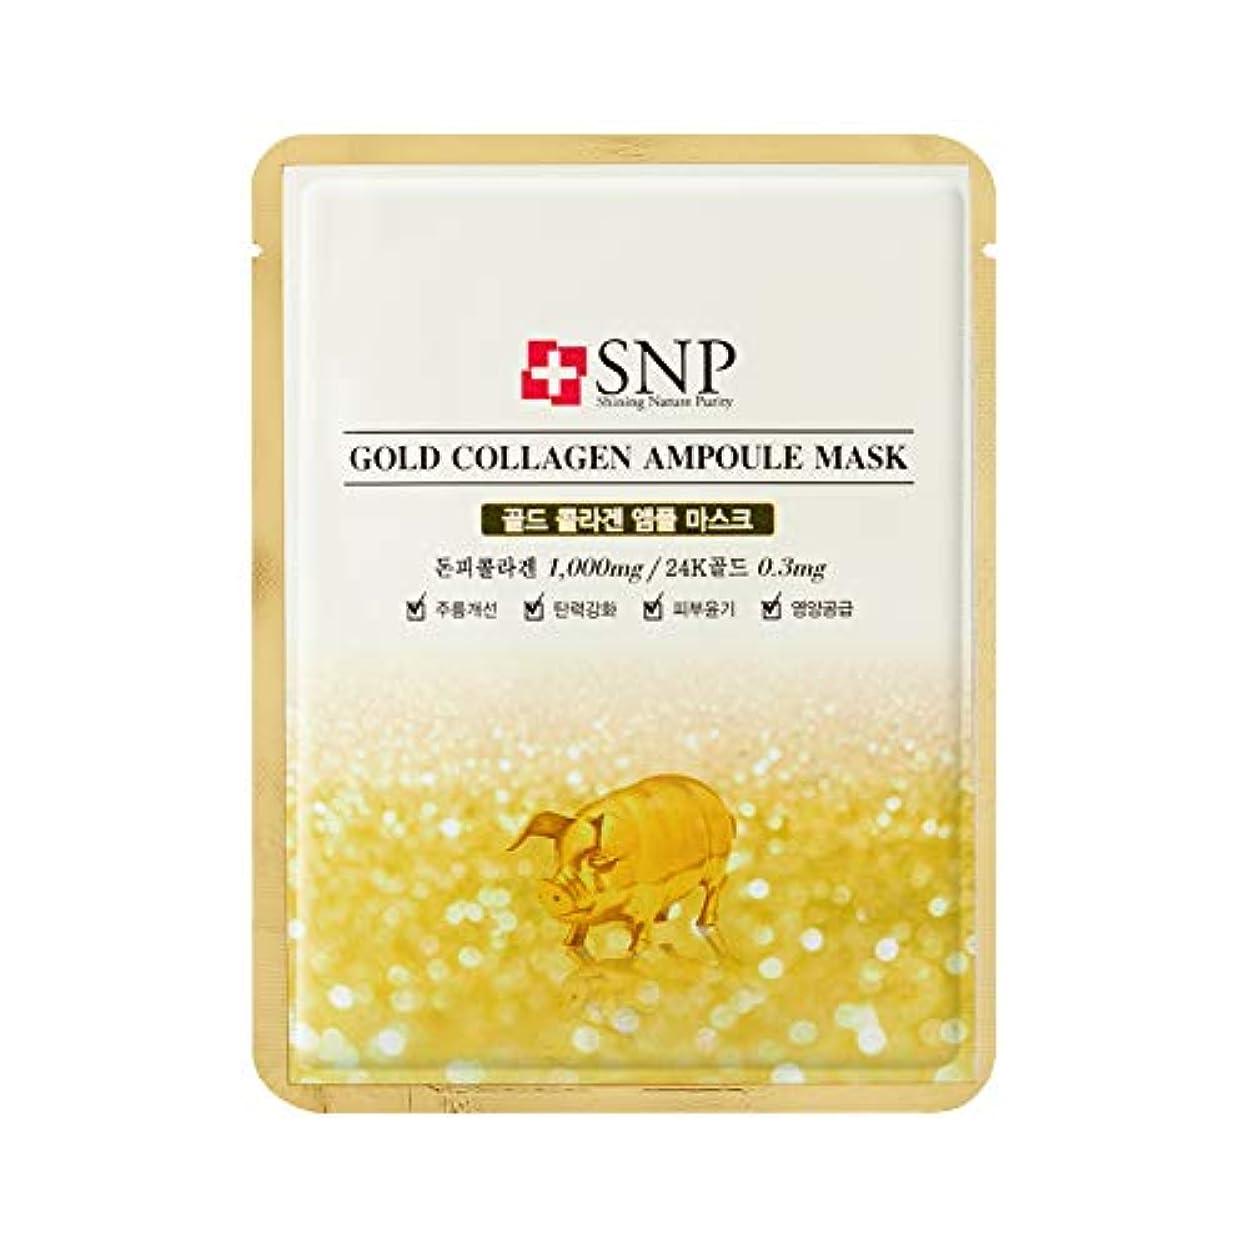 針知る甘美な【SNP公式】ゴールドコラーゲンアンプルマスク10枚セット/Gold Collagen Ampoul Mask 25ml 韓国コスメ 韓国パック フェイスマスク マスクパック 保湿